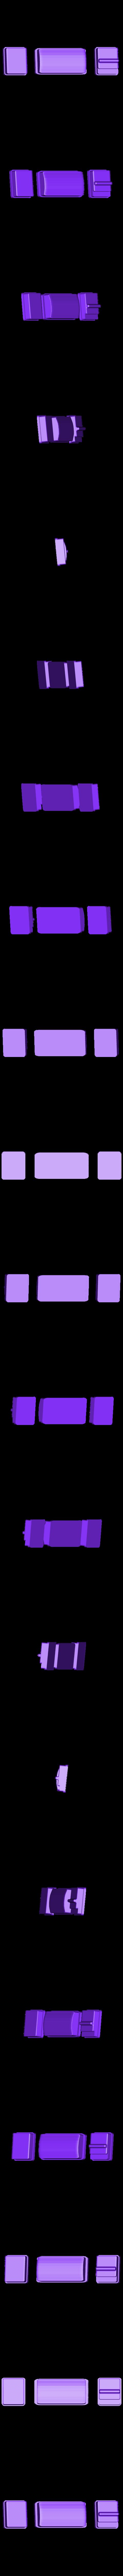 snes_buttons.stl Télécharger fichier STL gratuit Snes Mini Raspberry Pi • Plan pour imprimante 3D, dukedoks